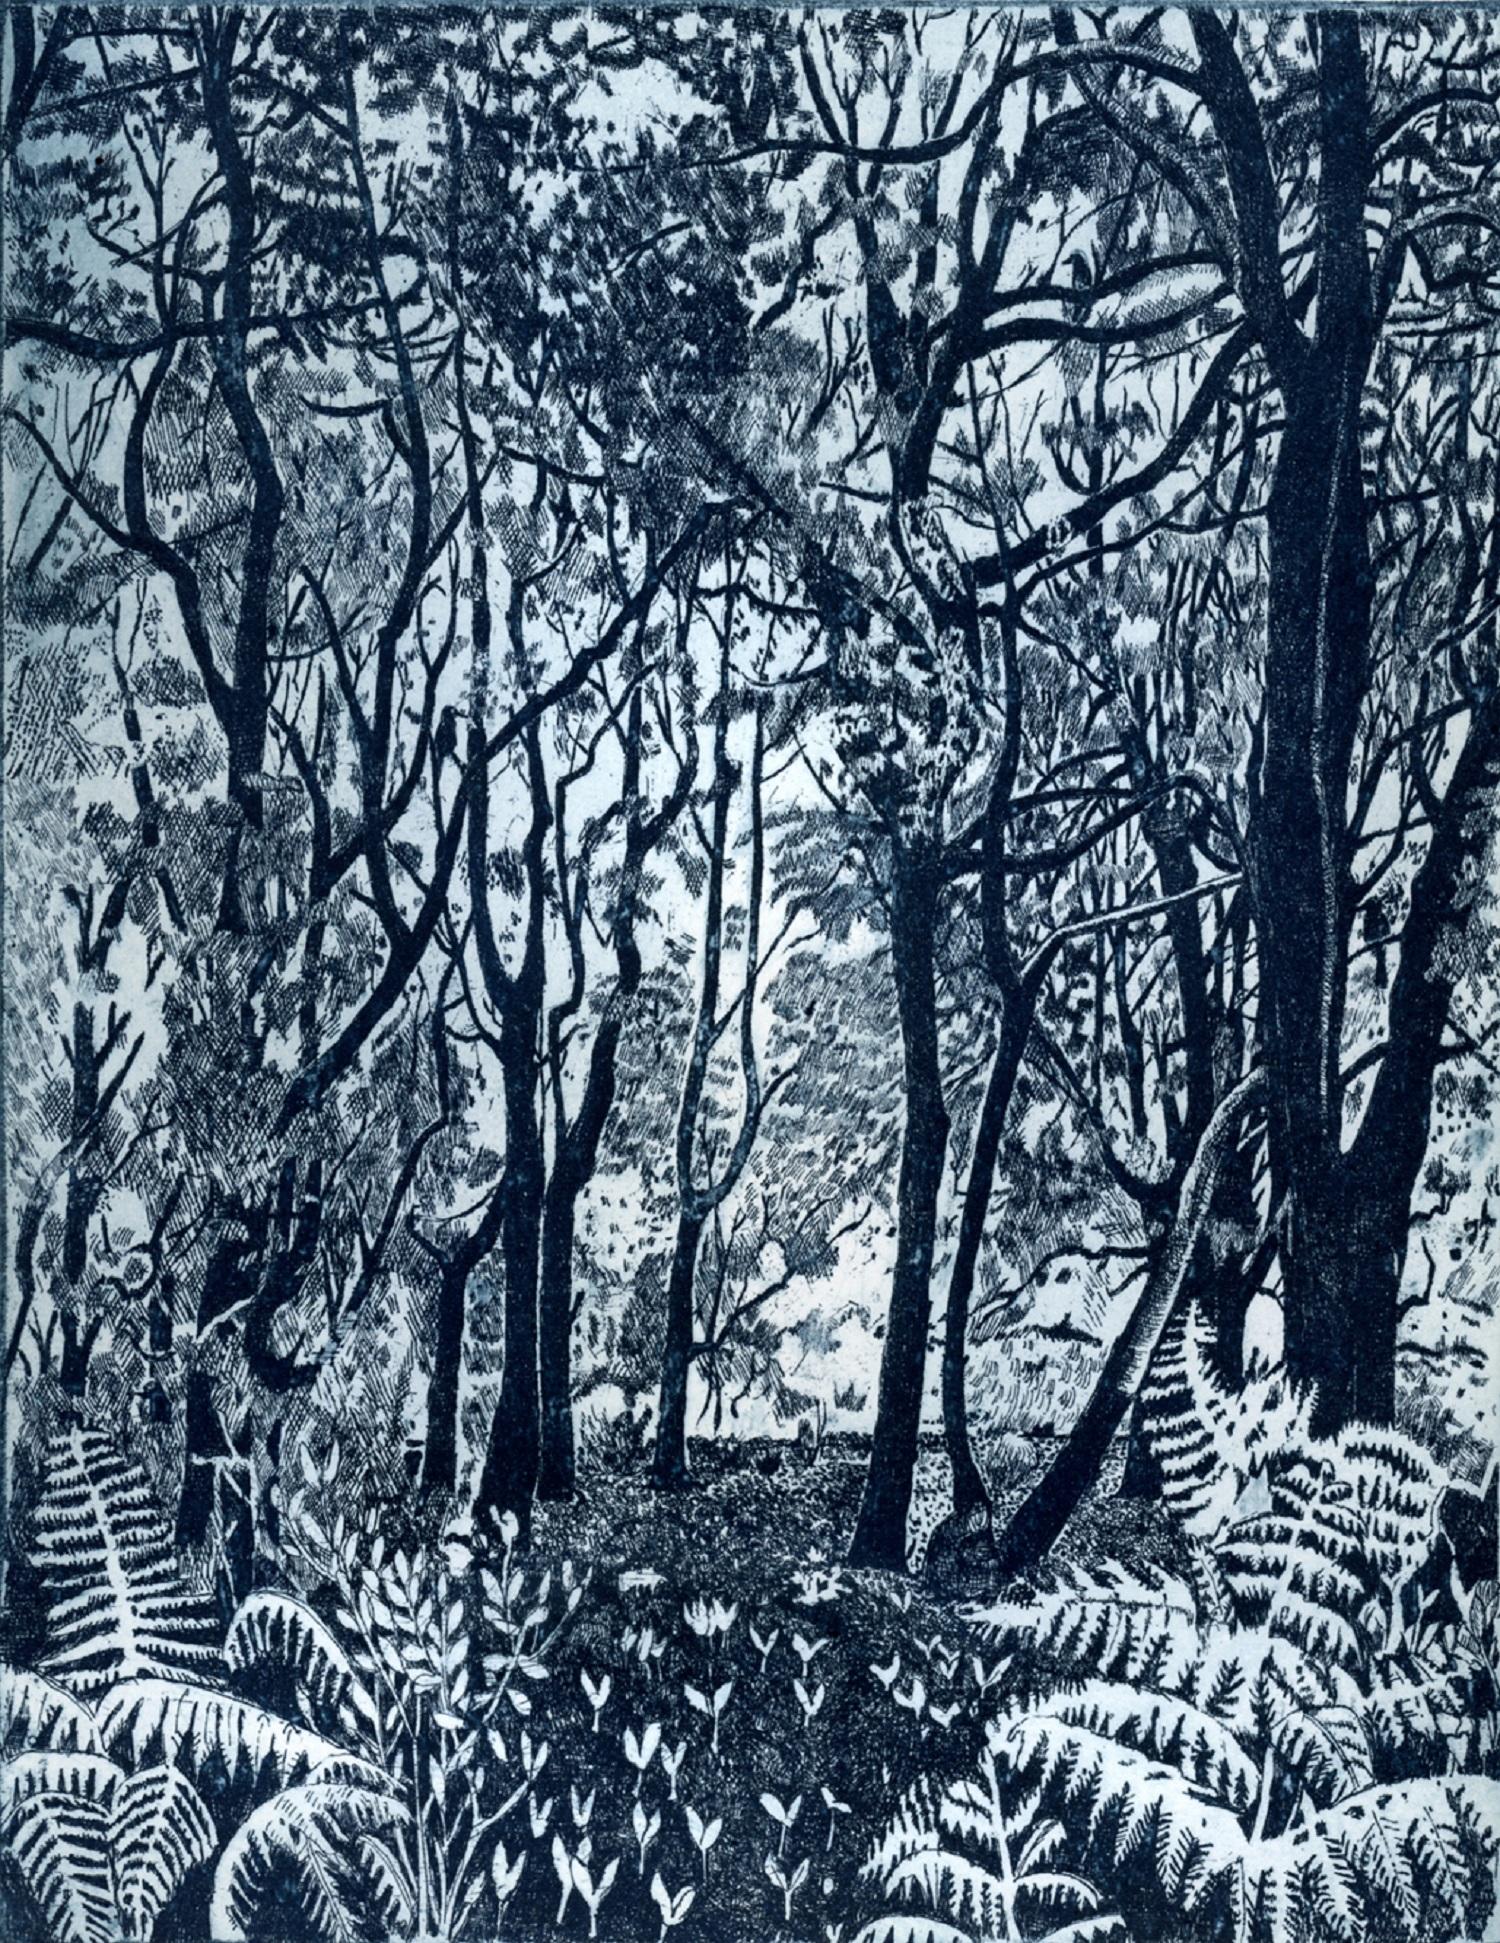 Bracken Edge   etching